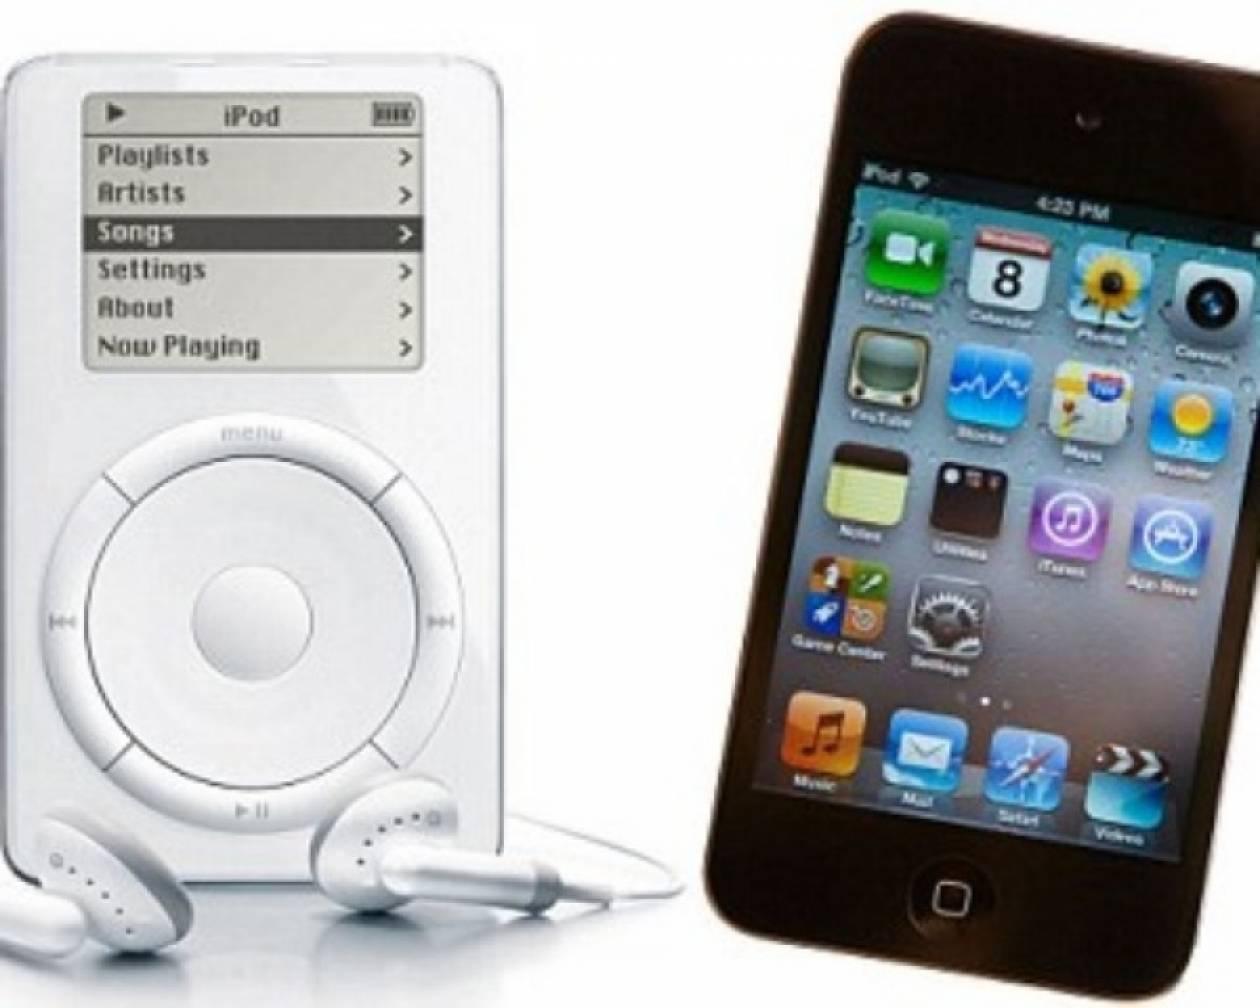 Από πού πήρε το όνομά του το iPod;